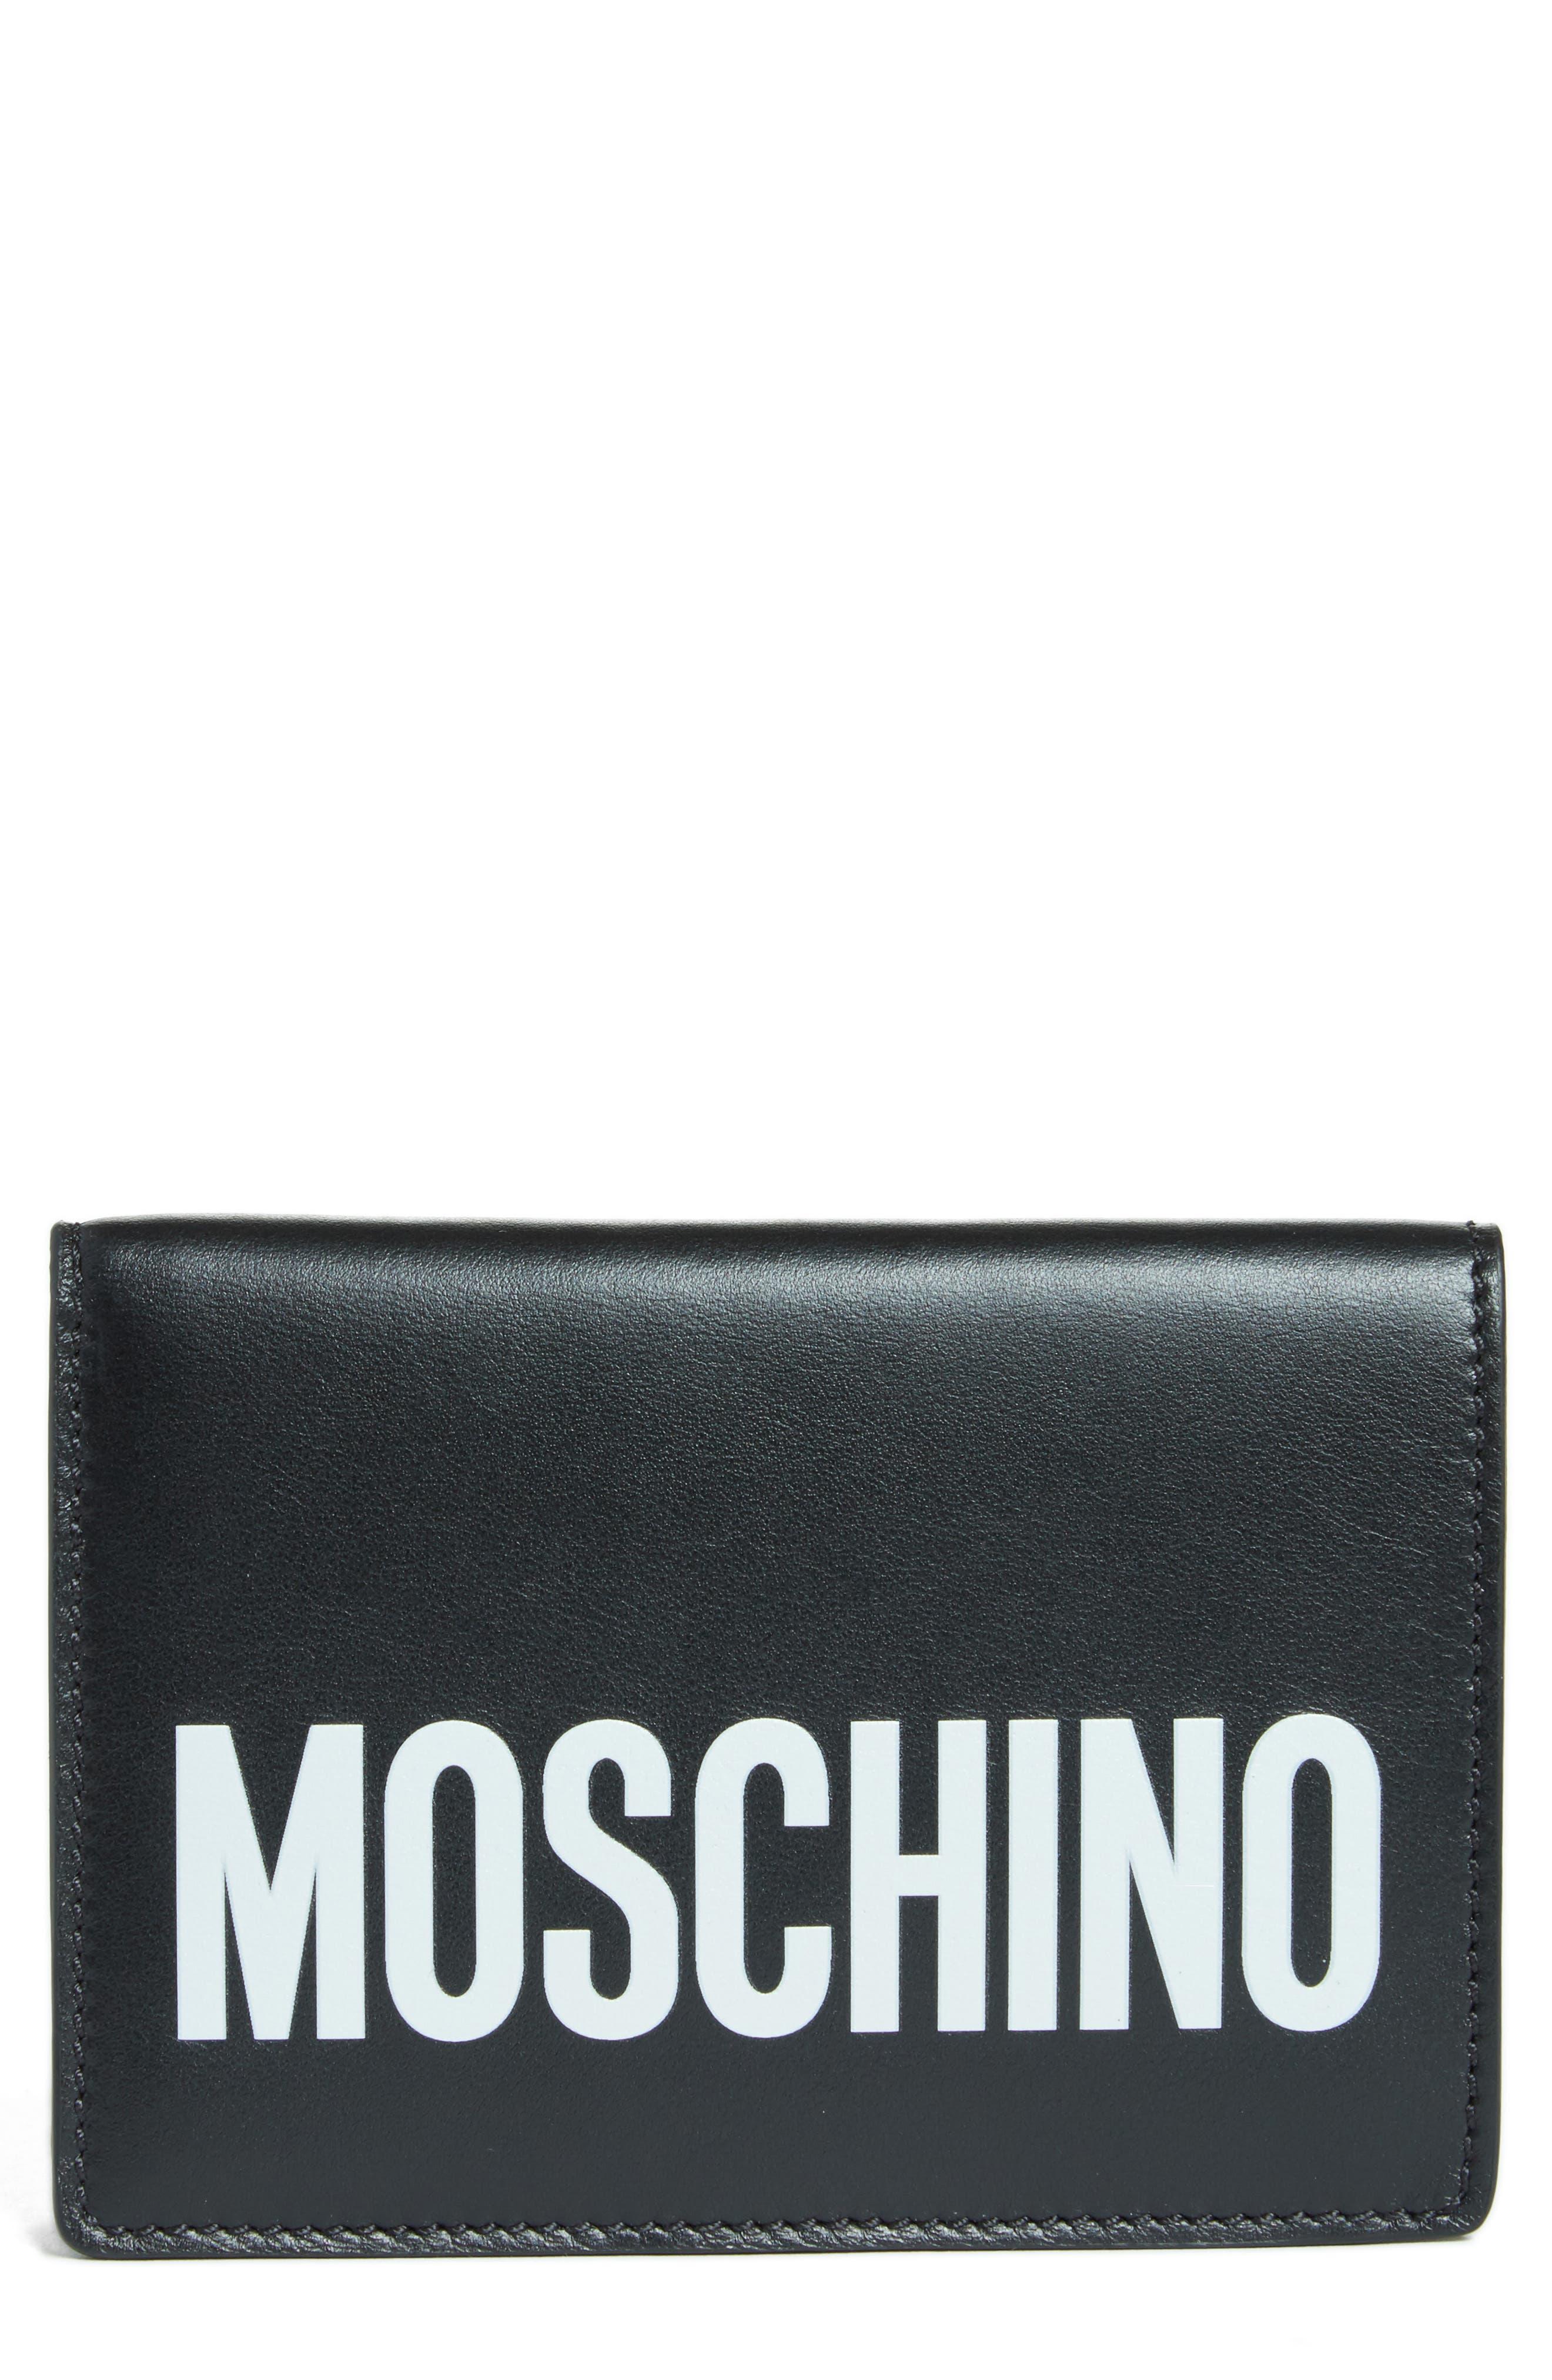 Main Image - Moschino Logo Leather Passport Holder